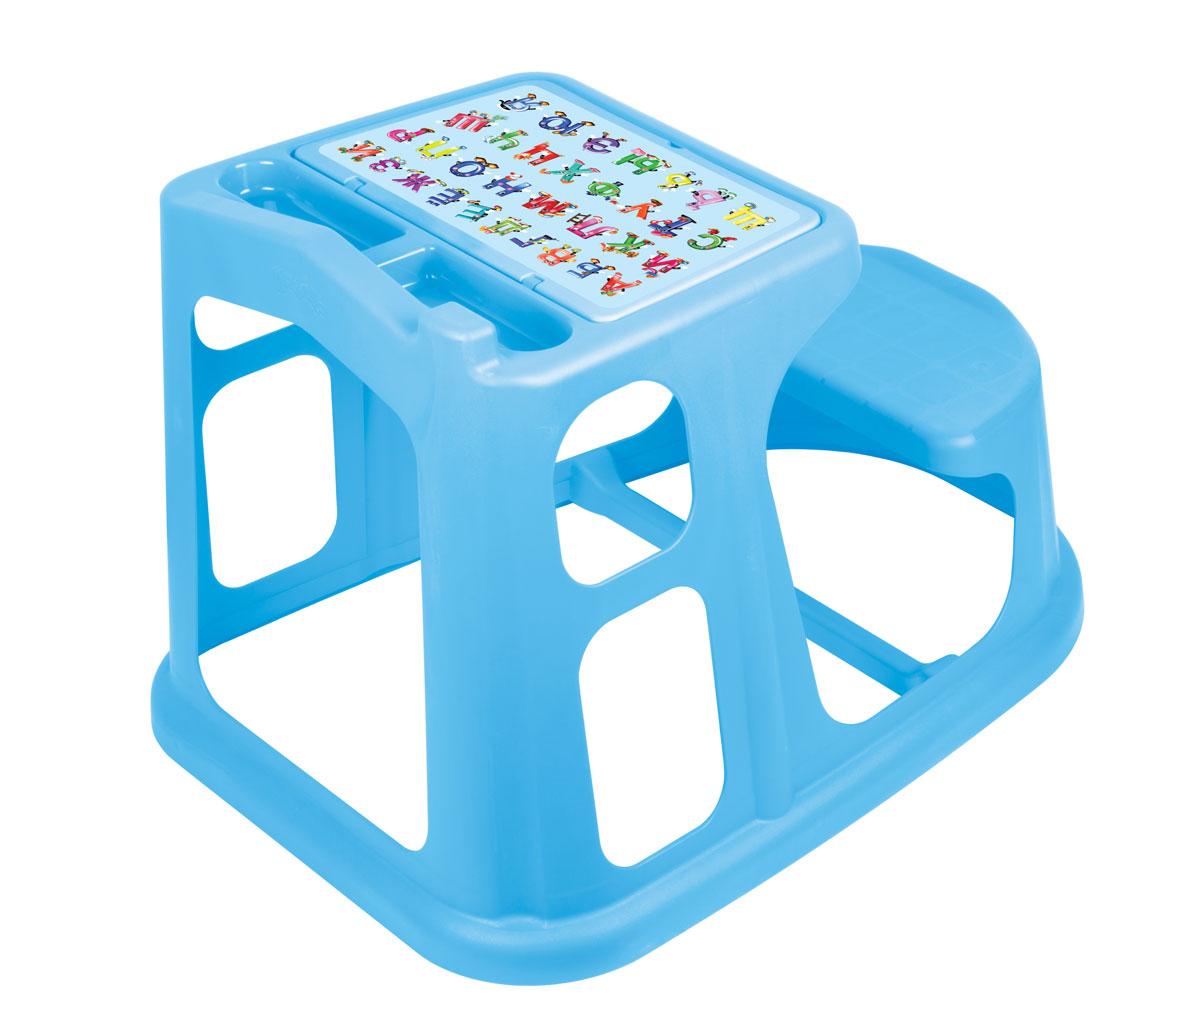 Стол-парта Алфавит, цвет: голубой, 55 см х 73 см х 50 смС13771_голубойСтол-парта Алфавит, выполненная из прочного полипропилена без содержания бисфенола А, послужит для вашего малыша удобным рабочим местом во время конструирования, лепки, рисования или просто игры. Столешница с крышкой имеет специальные углубления для карандашей, кисточек и фломастеров, а под крышкой расположены три ниши для хранения красок, блокнотов и других мелочей. Крышка оформлена изображением цифр от 1 до 9. Парта имеет устойчивую конструкцию и безопасные закругленные углы и для удобства совмещена со скамейкой. Порадуйте своего ребенка таким замечательным подарком!